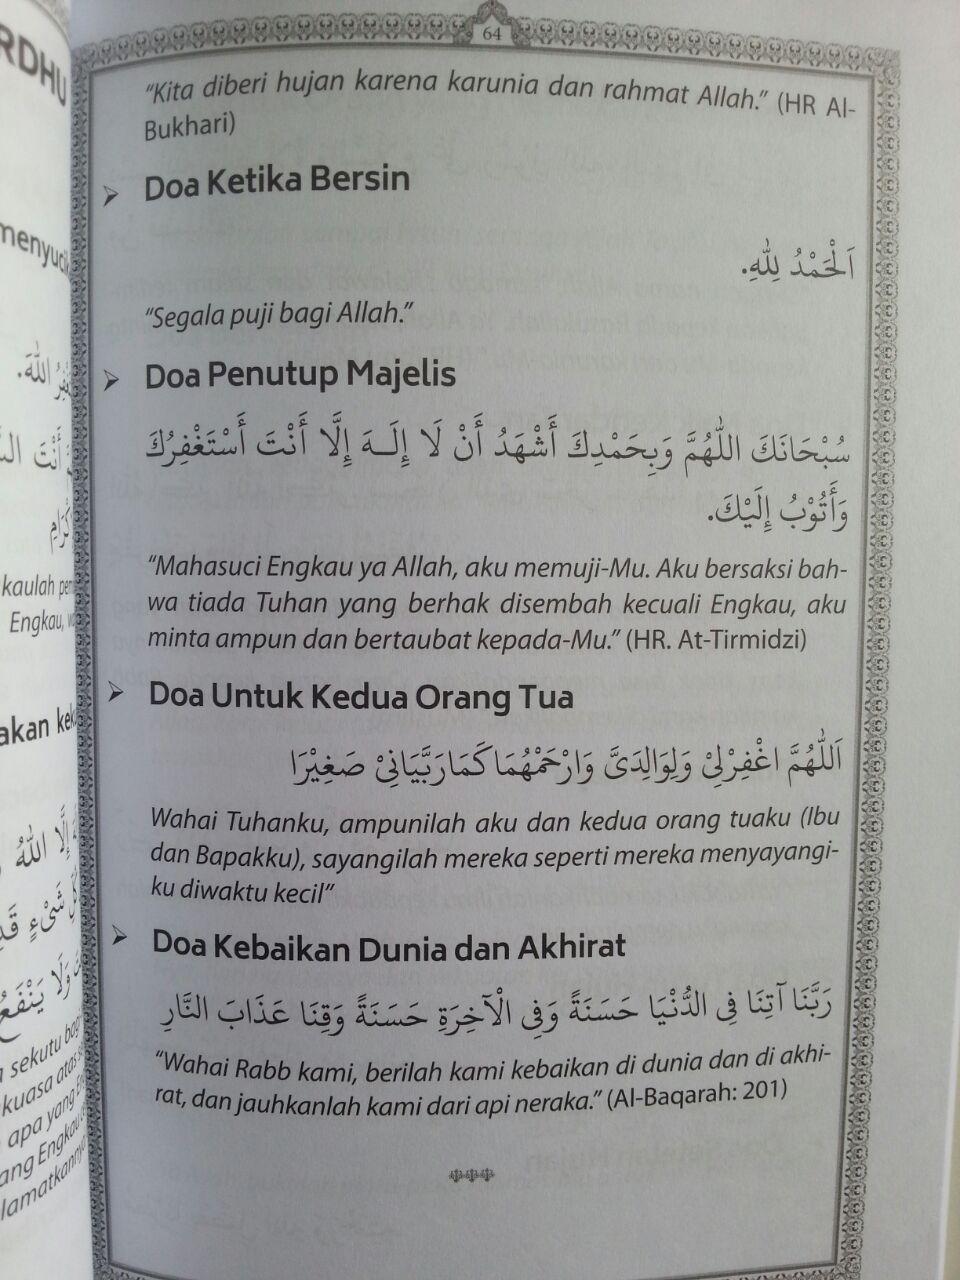 Buku Juz Amma Terjemahan Terlengkap 13 In 1 isi 3